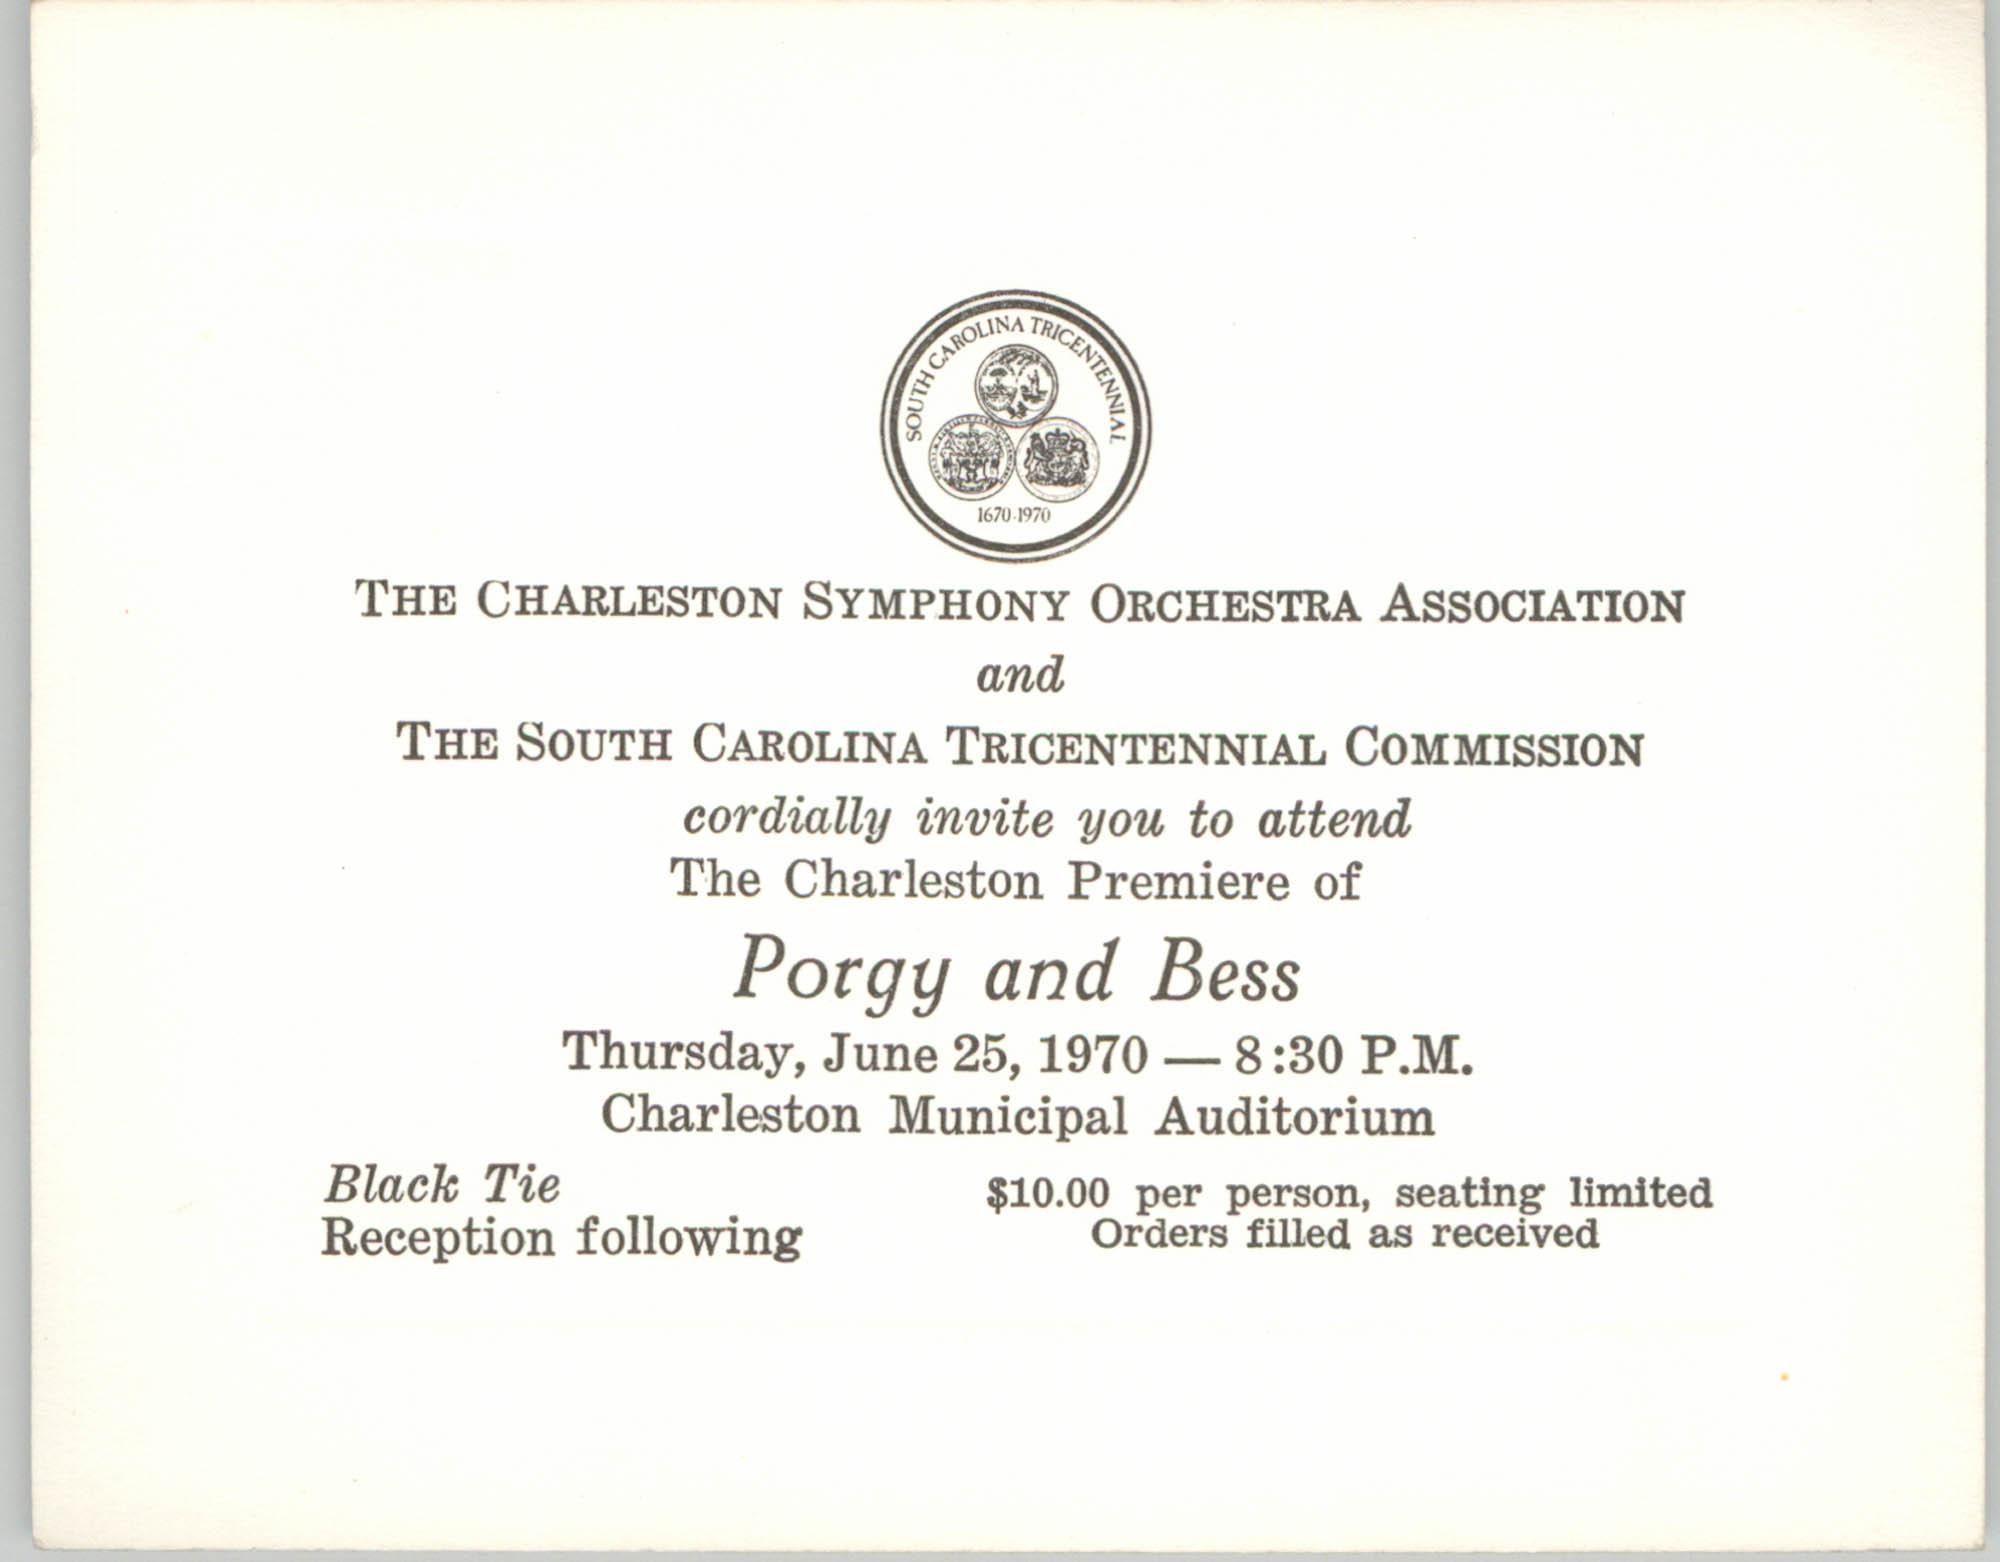 Charleston Symphony Orchestra Invitation to